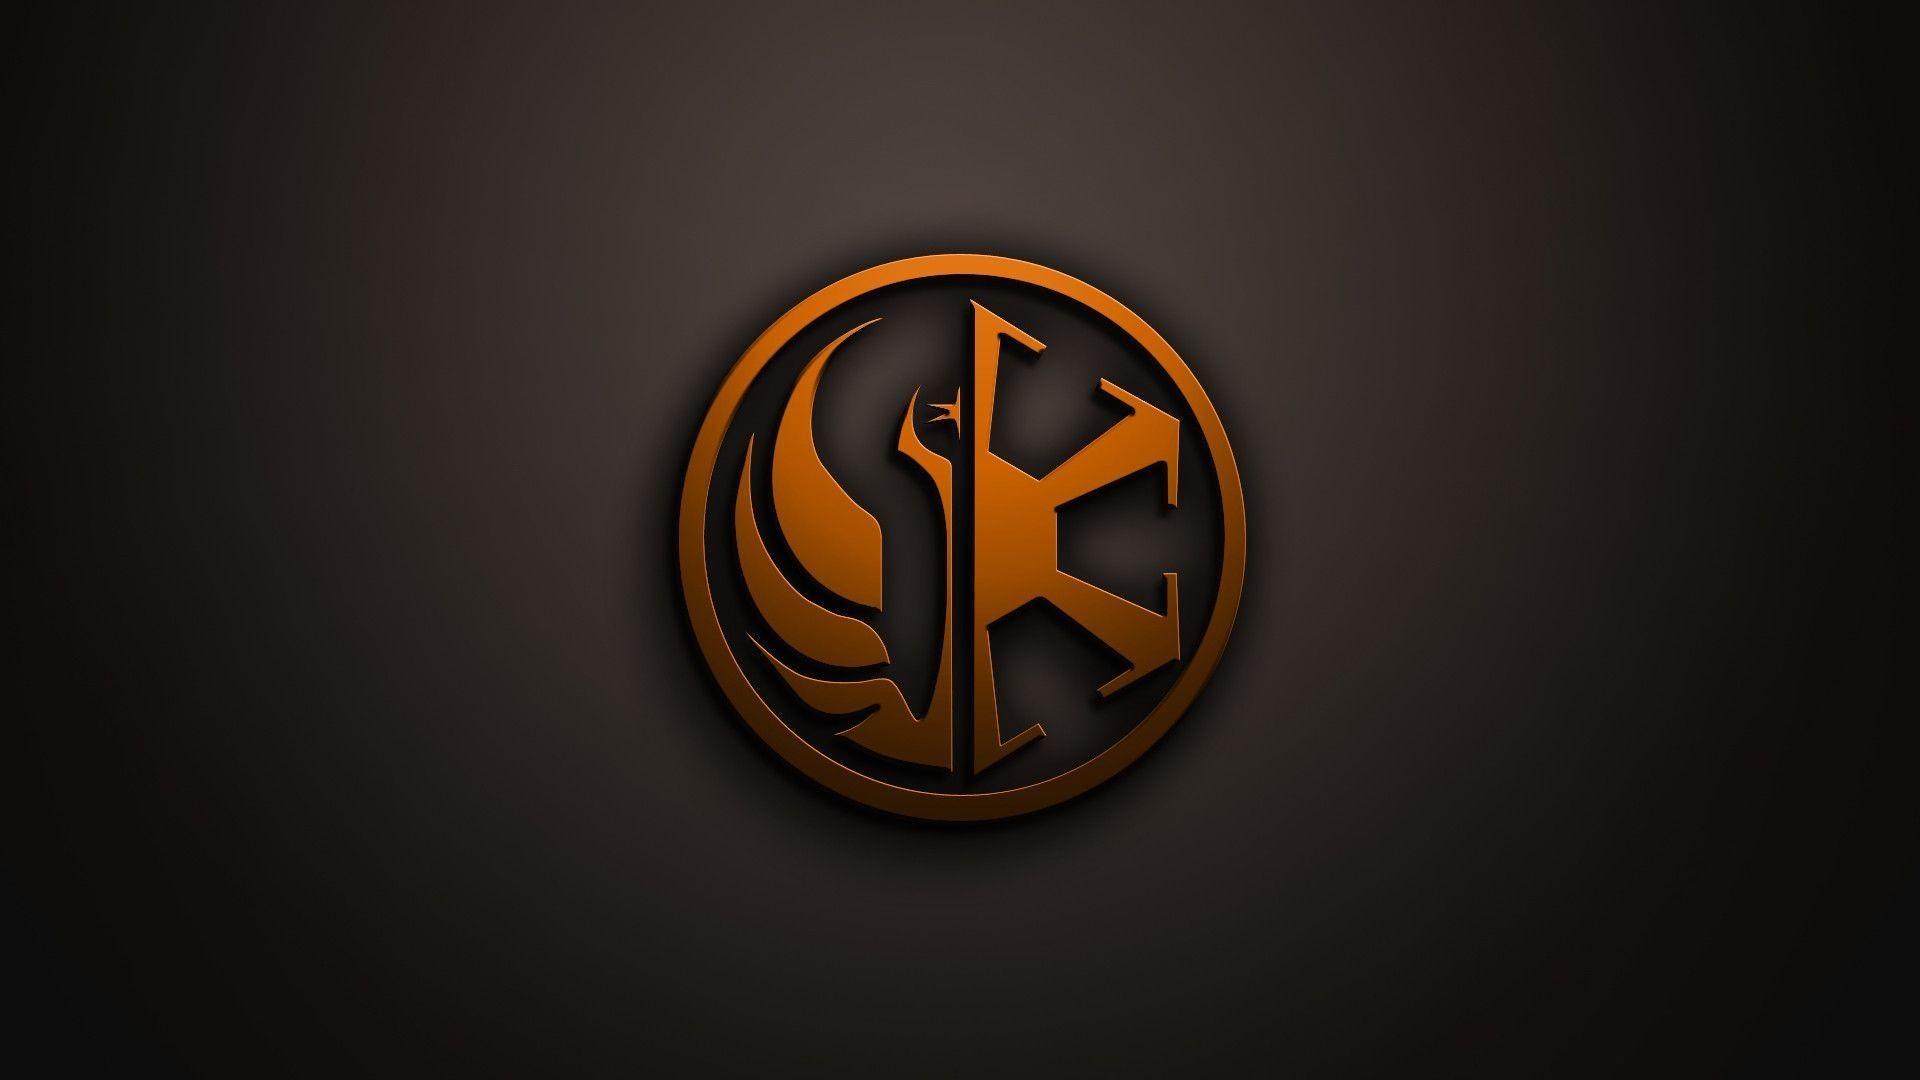 Sith Warrior: Swtor Computer Wallpapers, Desktop Backgrounds .